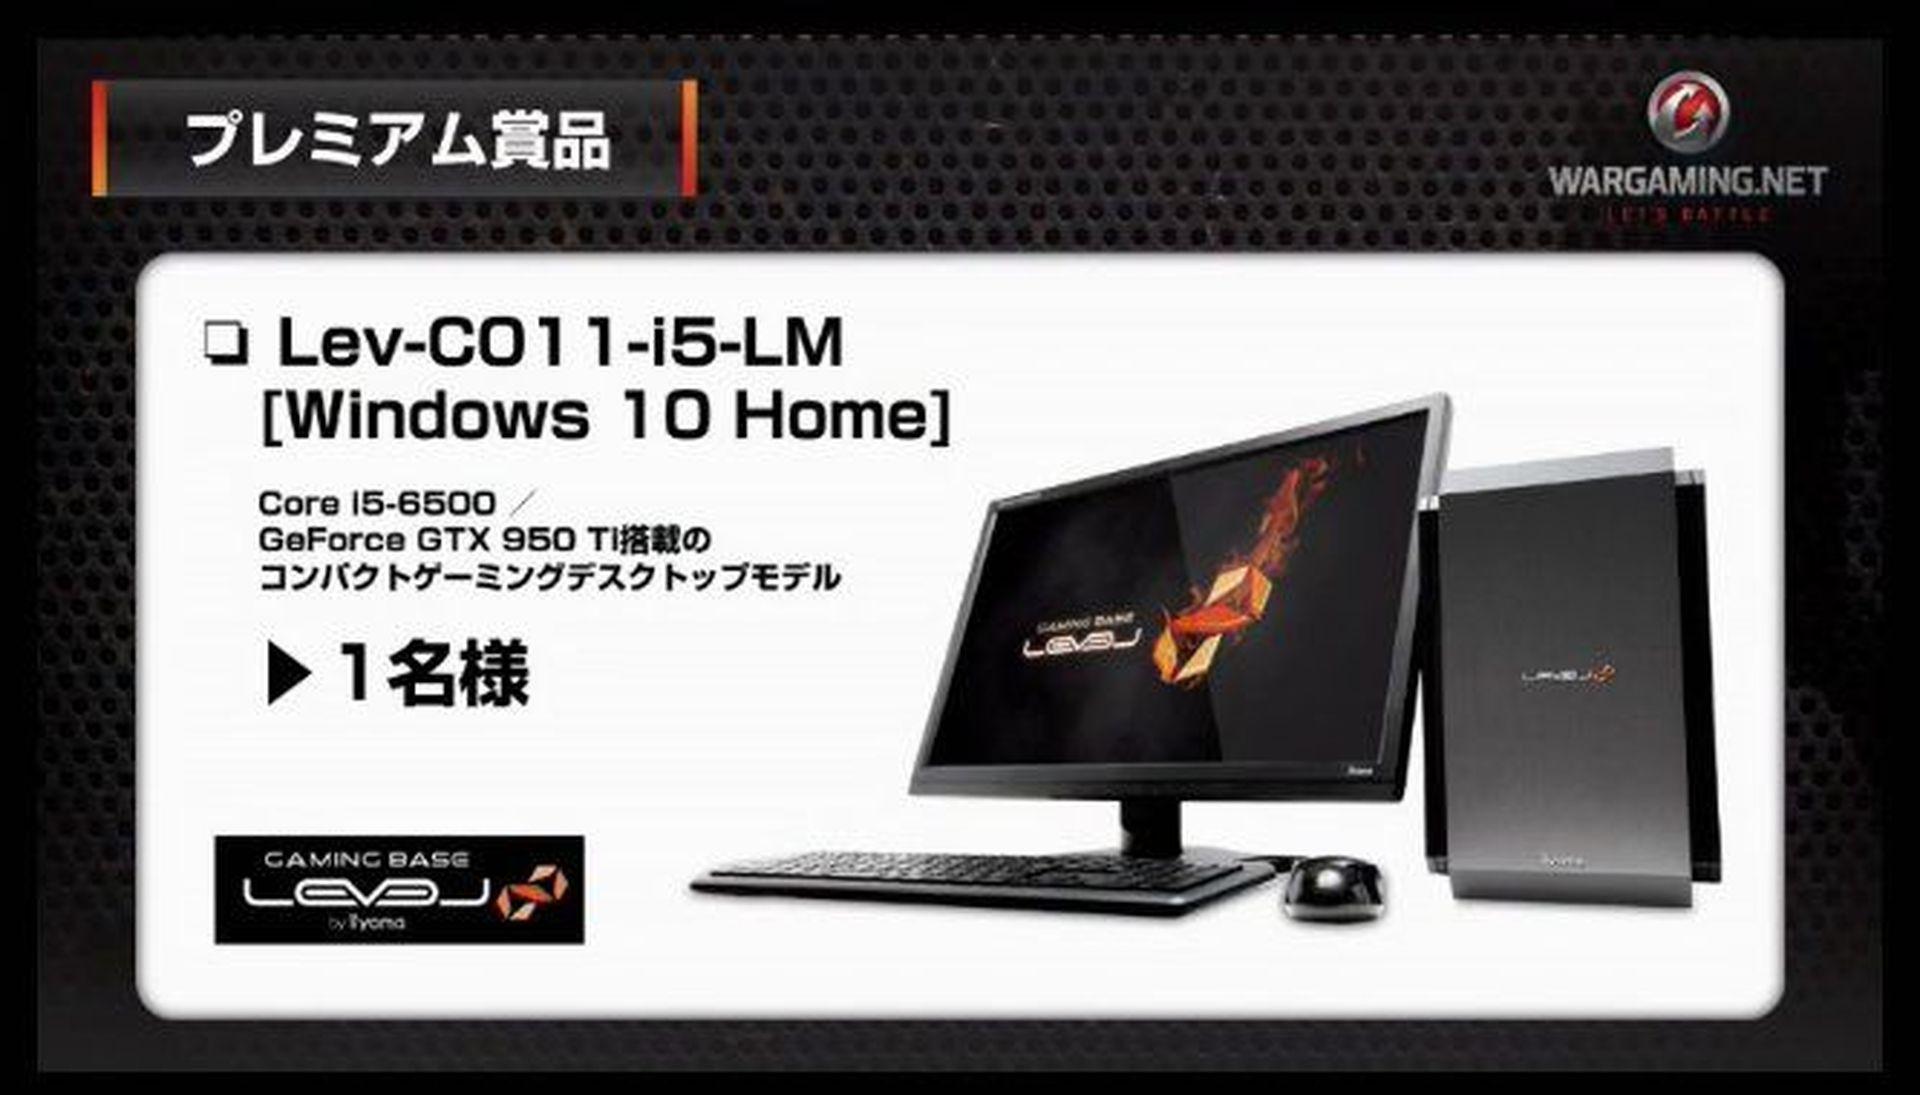 敗退したLEVEL∞チームからはCore i5-6500とGTX 950(Tiは表記ミス)を搭載した小型ゲーミングデスクトップPCが提供された